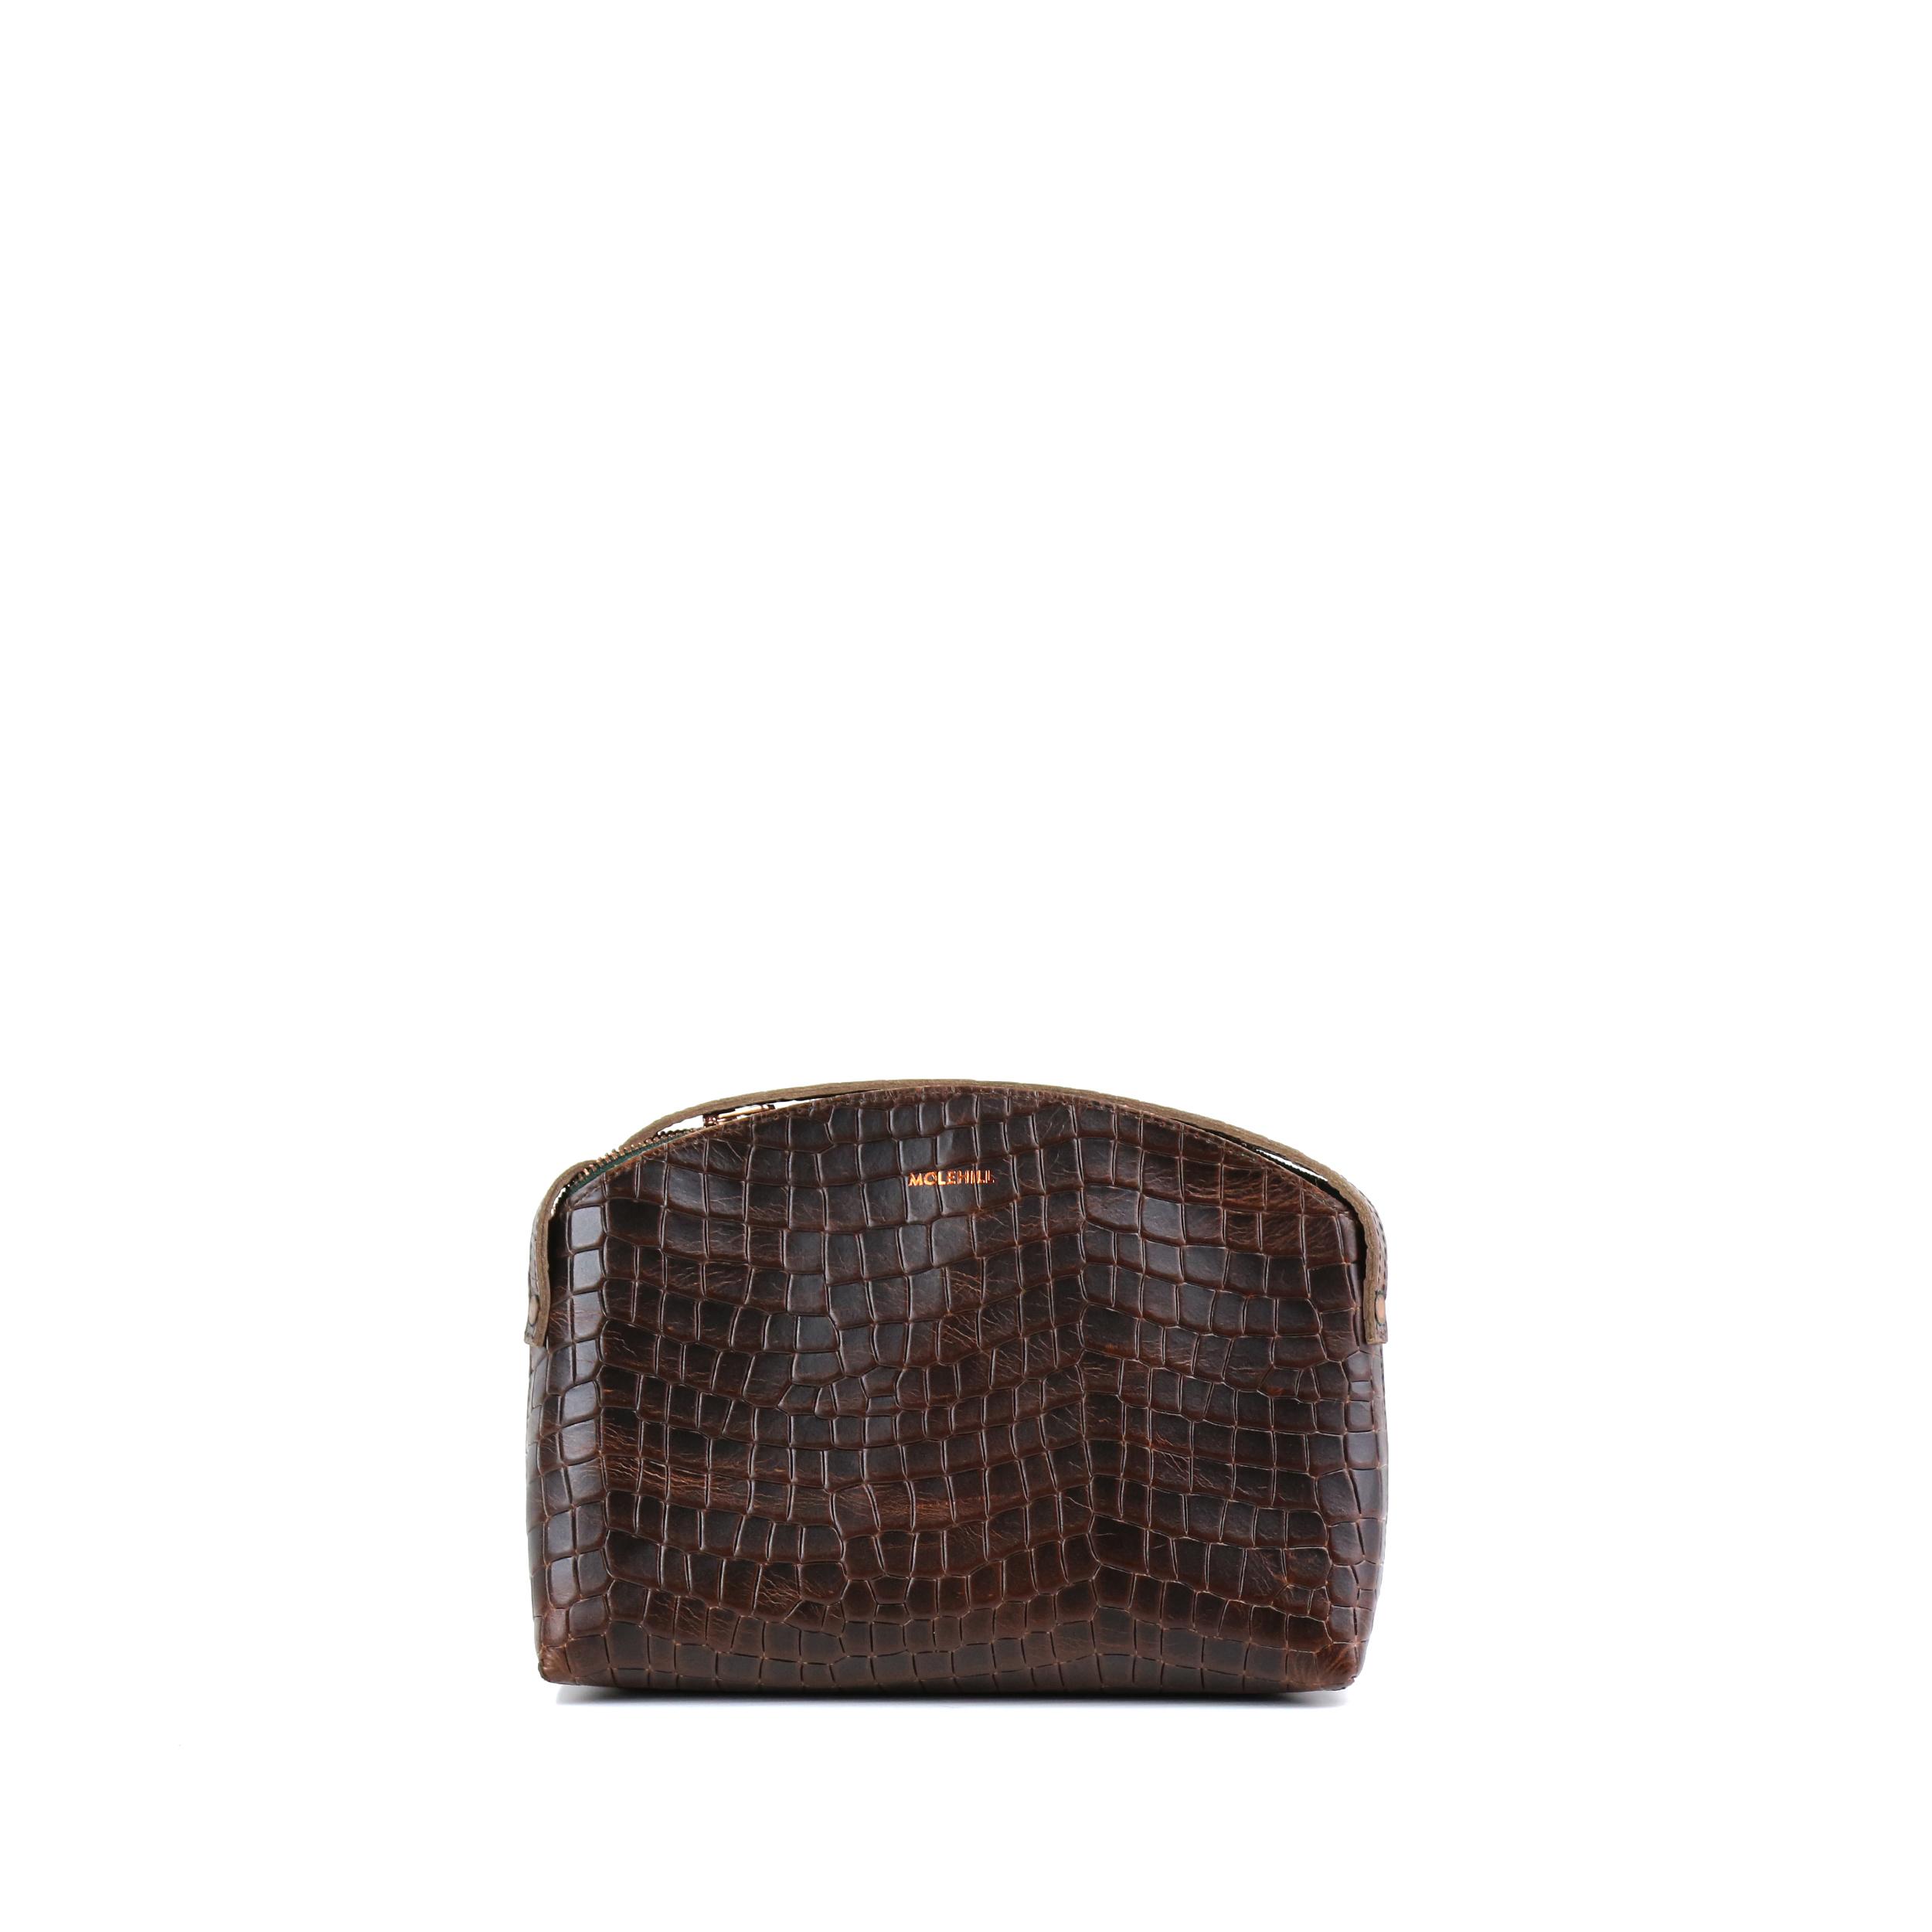 TIMI Crossbody Bag Croco Sample Sale No. 6-1